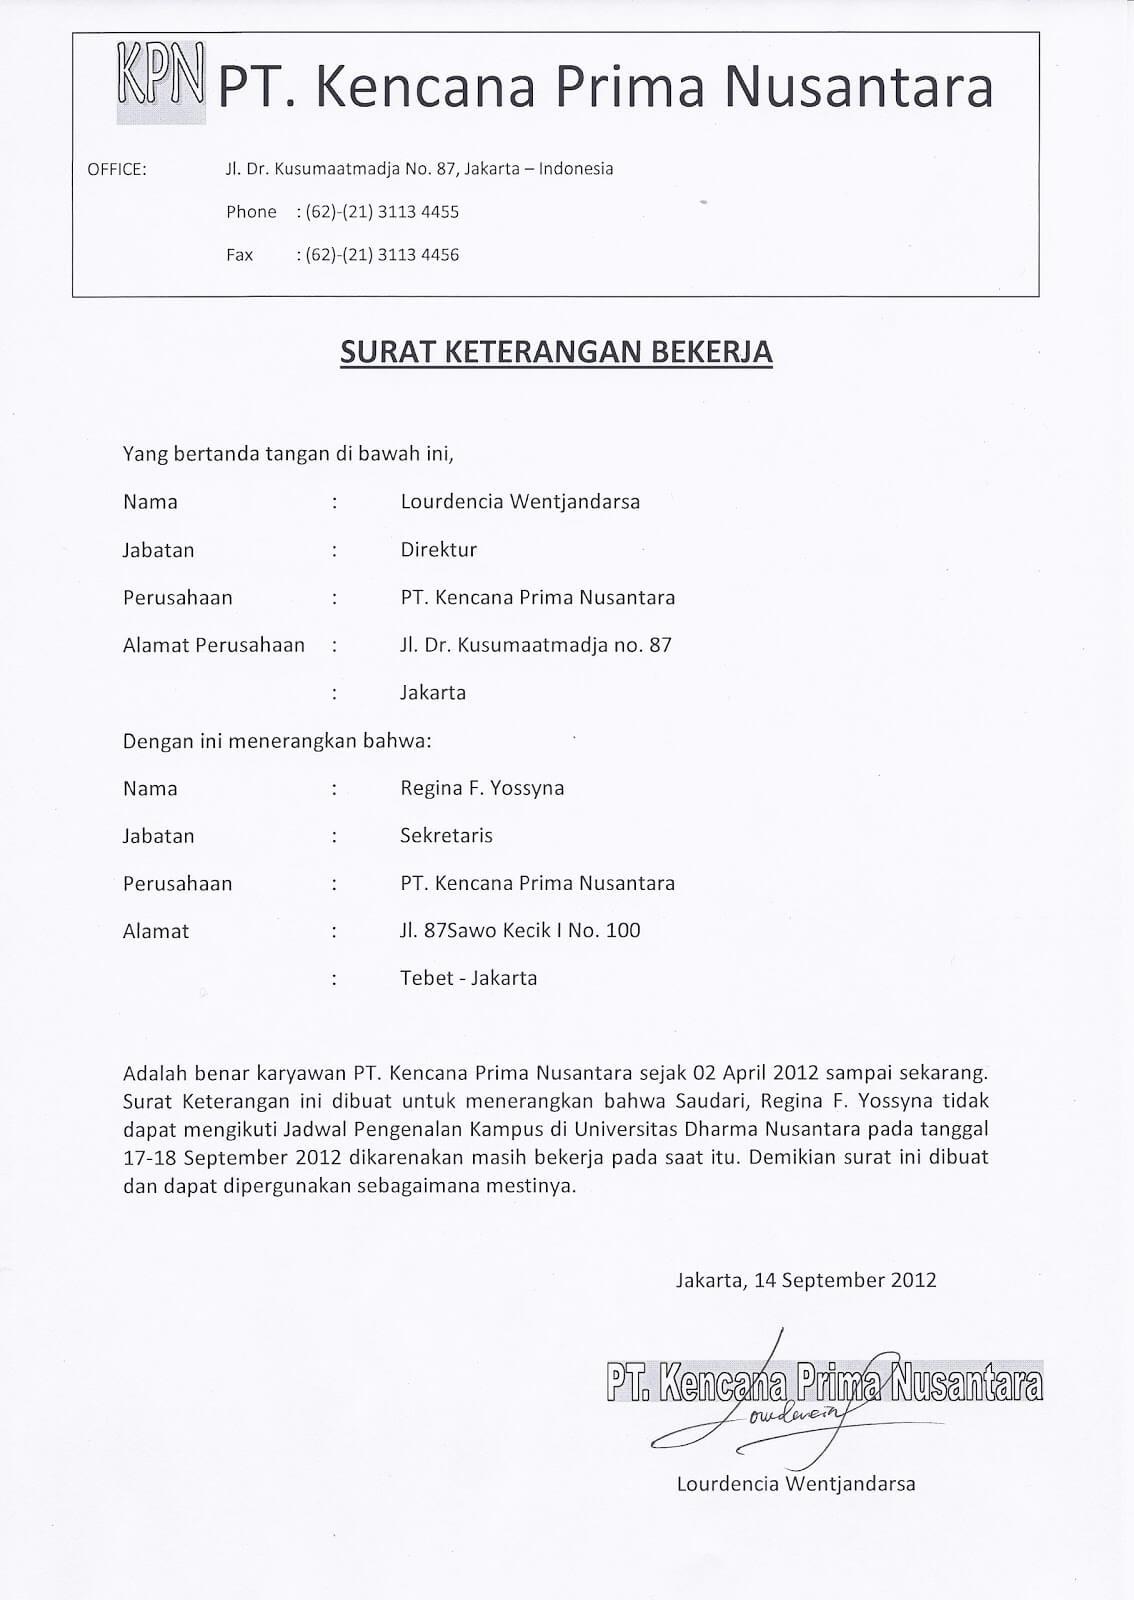 Contoh Surat Keterangan Kerja Untuk Kuliah